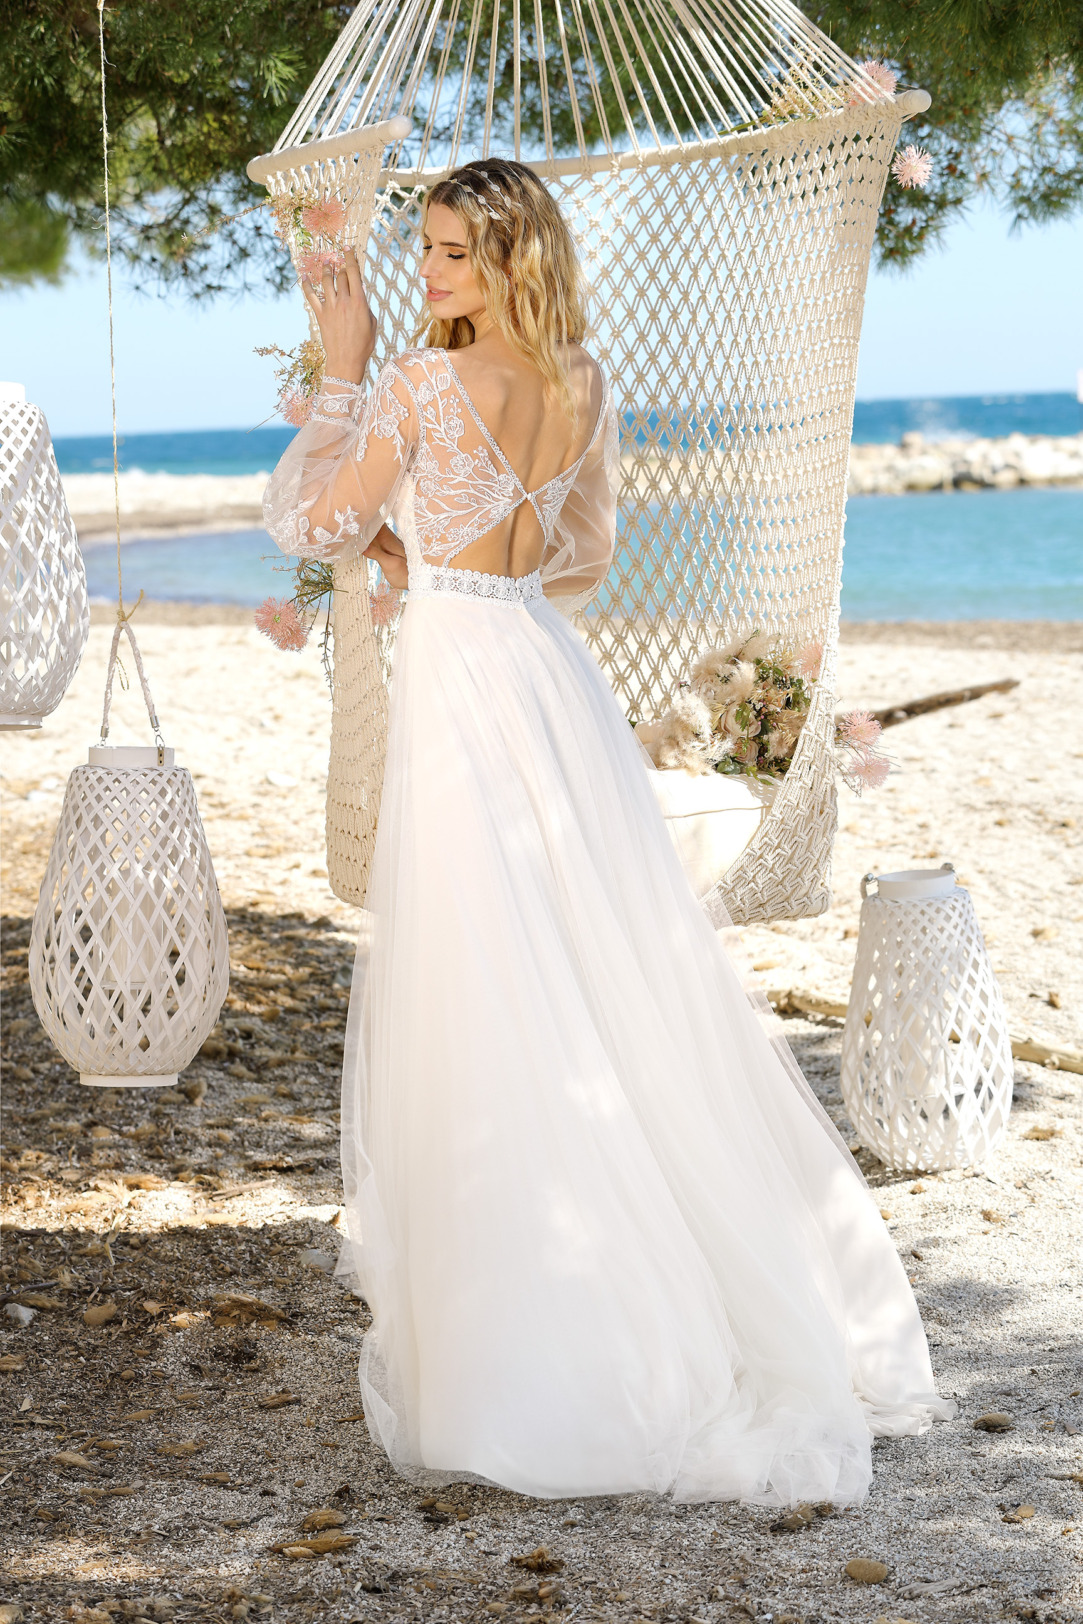 Brautkleid Hochzeitskleid im Vintage Boho Stil von Ladybird Modell 321052 mit V Ausschnitt und  langen transparenten Ärmeln mit dezenter Spitze aufwendiger Rückenausschnitt mit Perlen besetzt